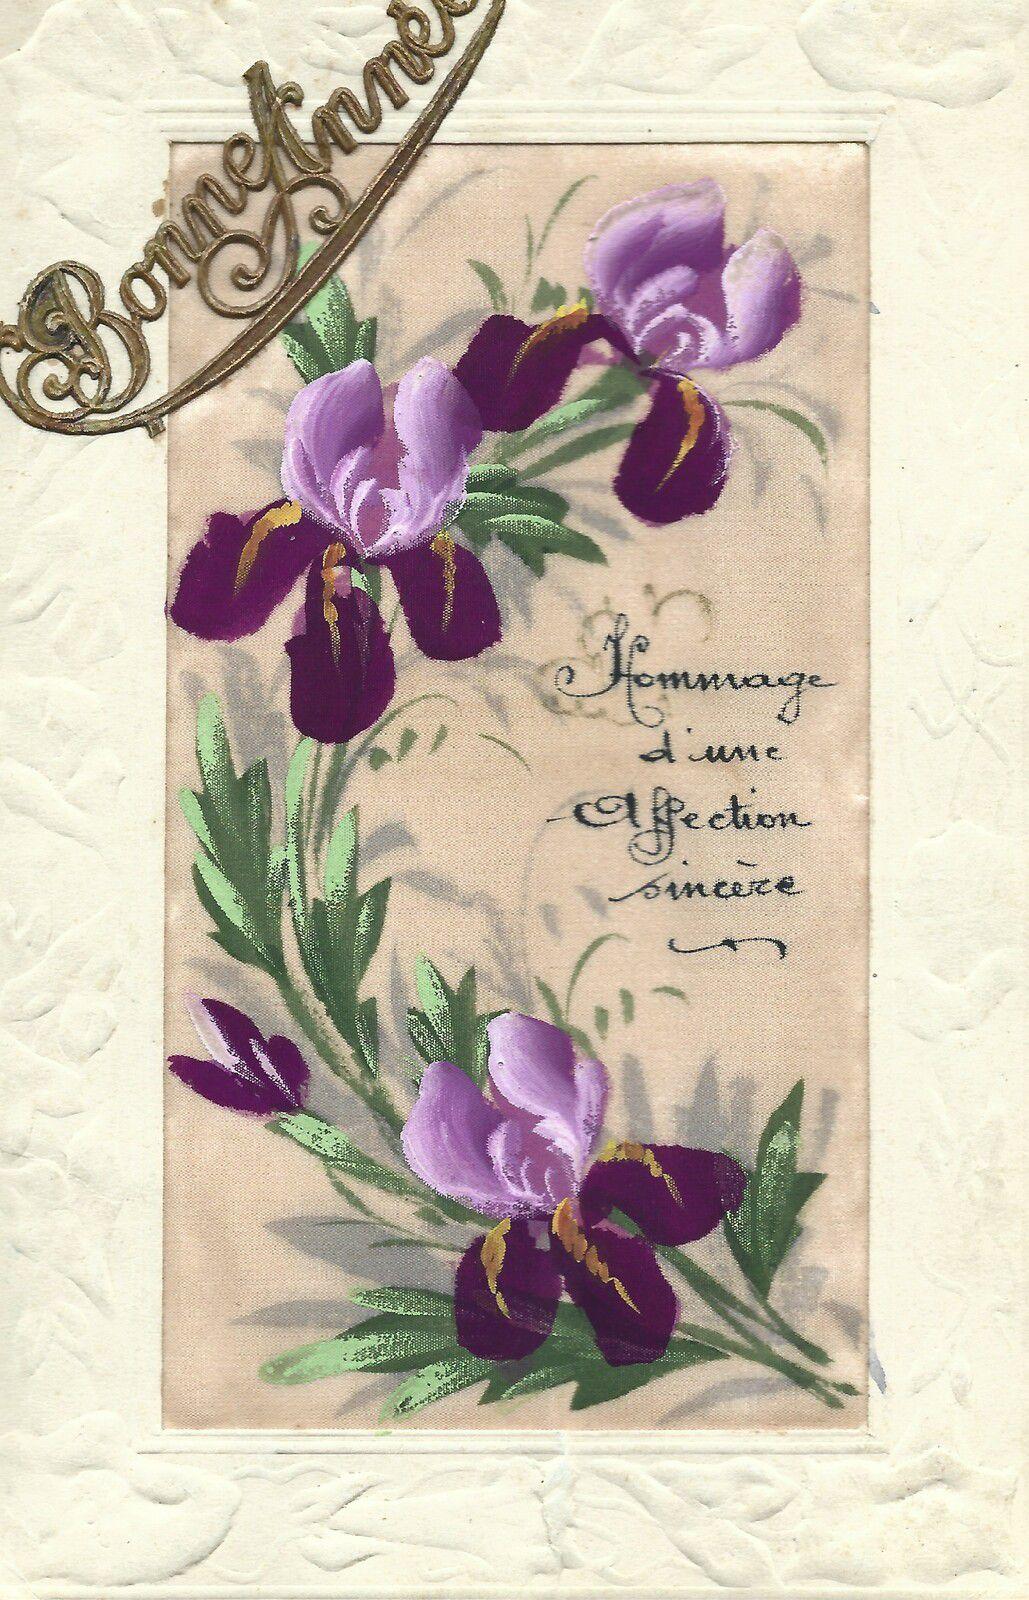 iris 1913 - BONNE ANNEE - PEINTURE SUR SOIE ORANGEE - HOMMAGE D'UNE AFFECTION SINCERE